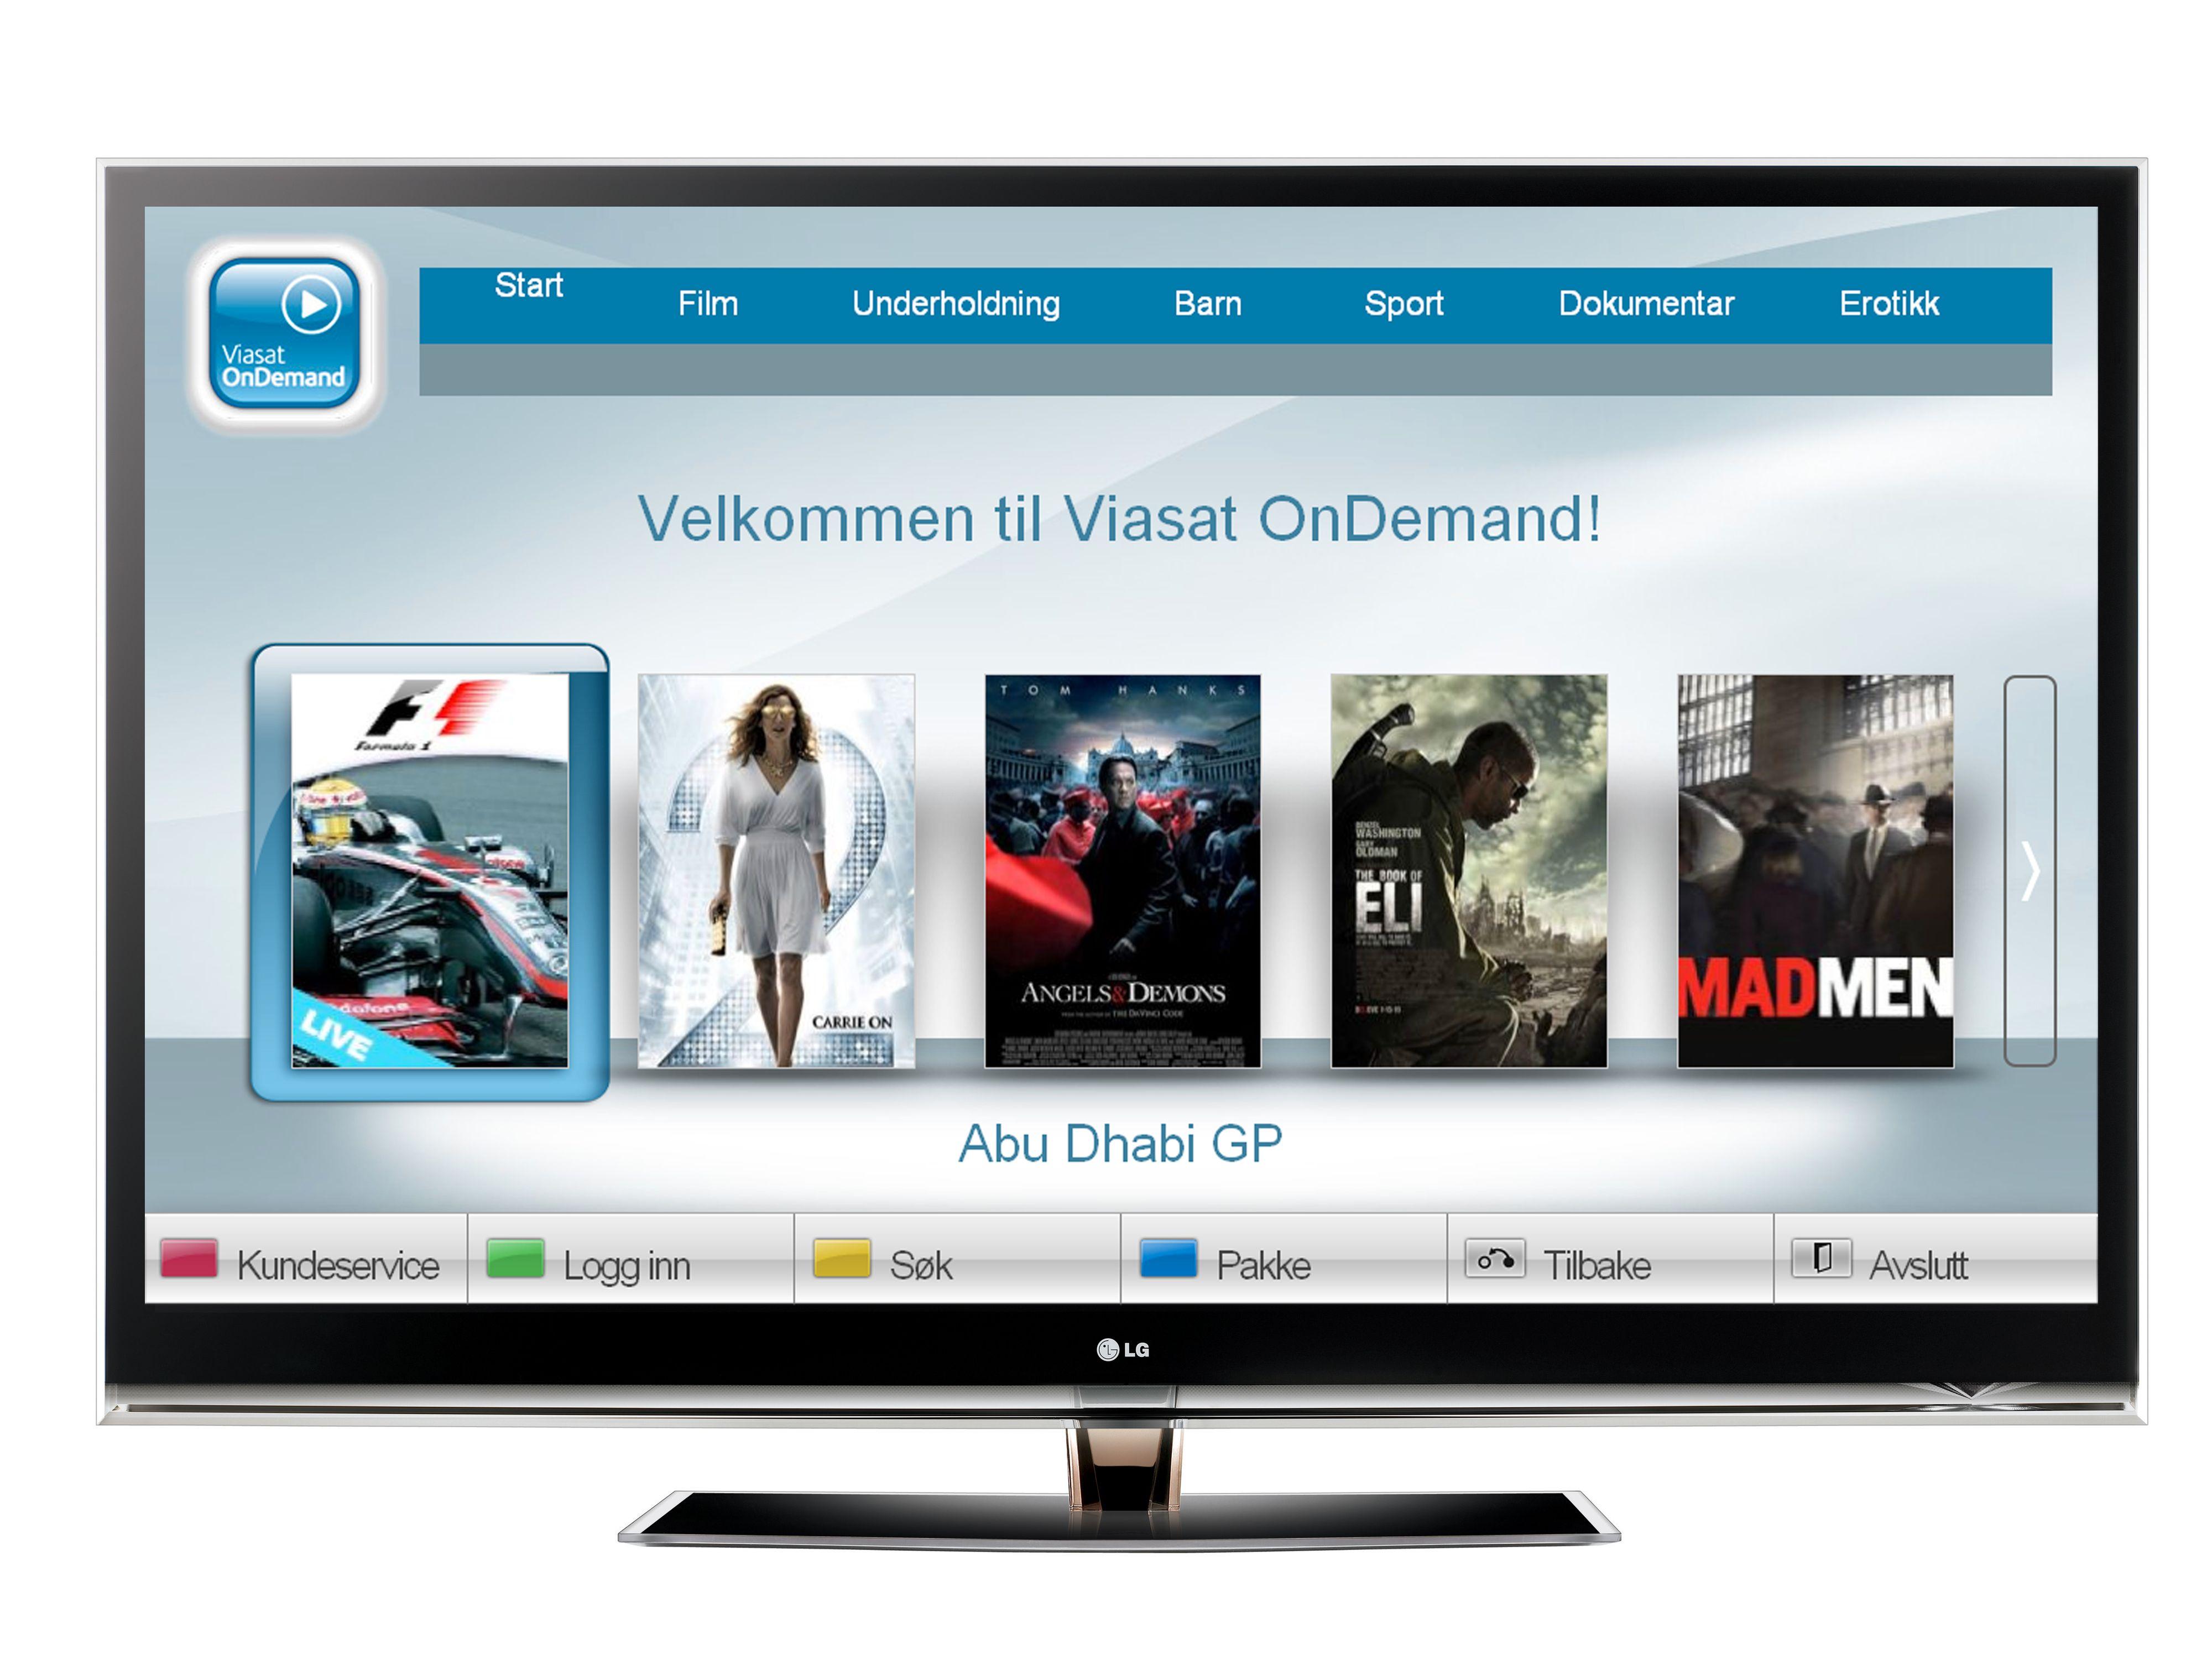 Smart TV løsninger gir deg blant annet et elegant brukergrensesnitt